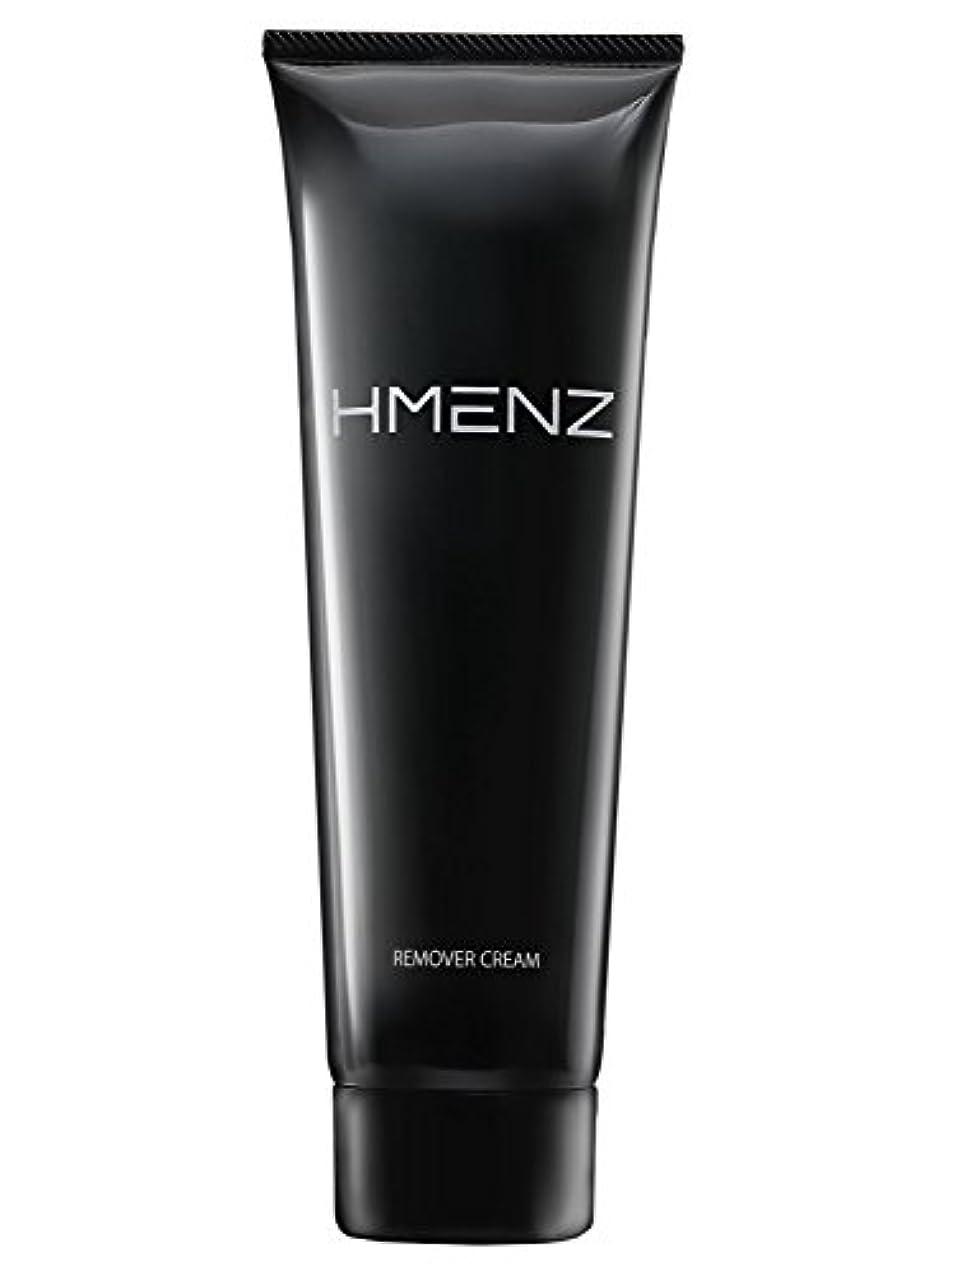 くつろぎ大型トラック見る人医薬部外品 HMENZ メンズ 除毛クリーム 210g [陰部/VIO/アンダーヘア/ボディ用]